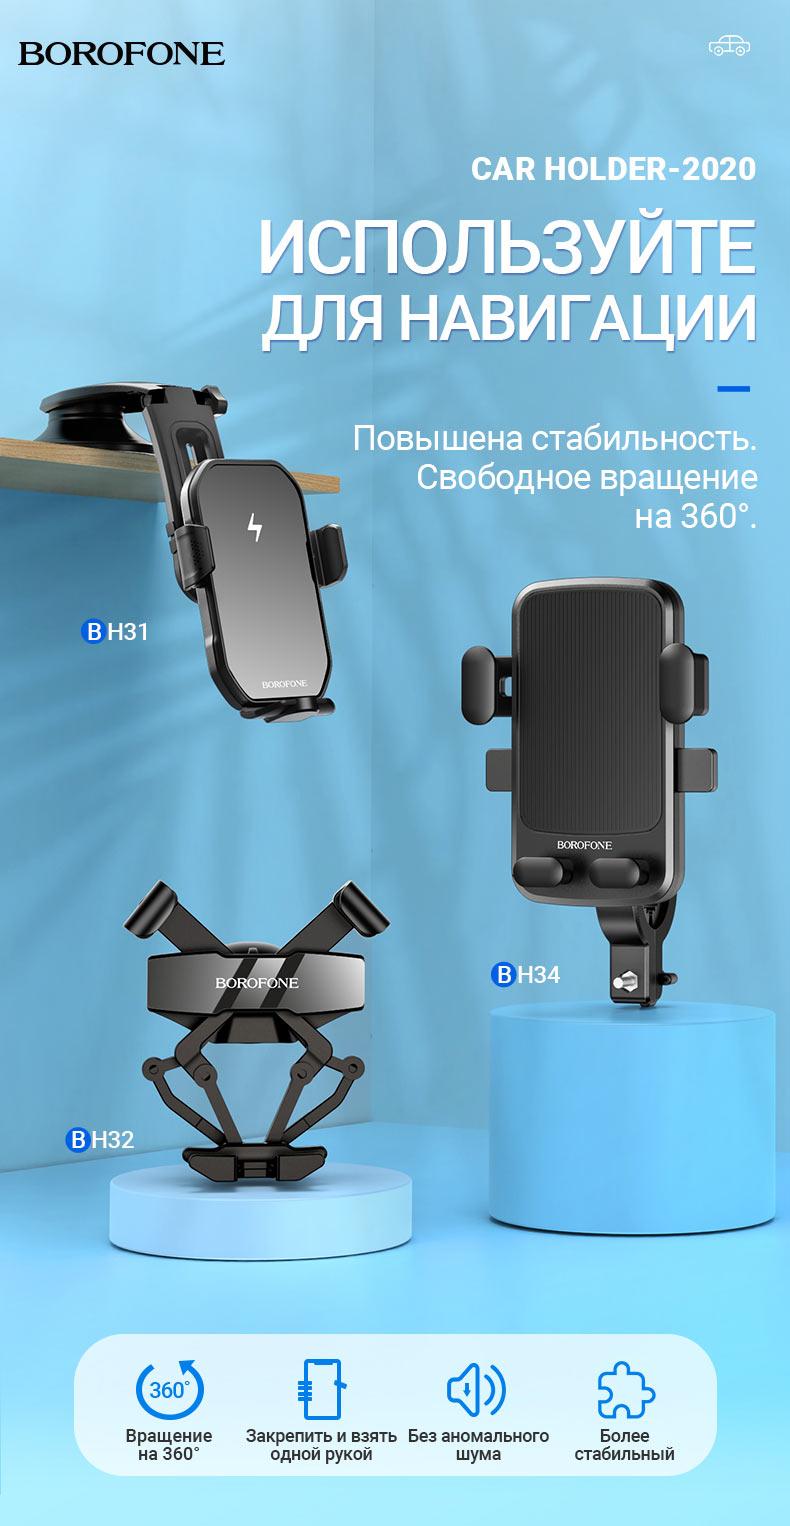 borofone новости bh31 bh32 bh34 коллекция автомобильных держателей